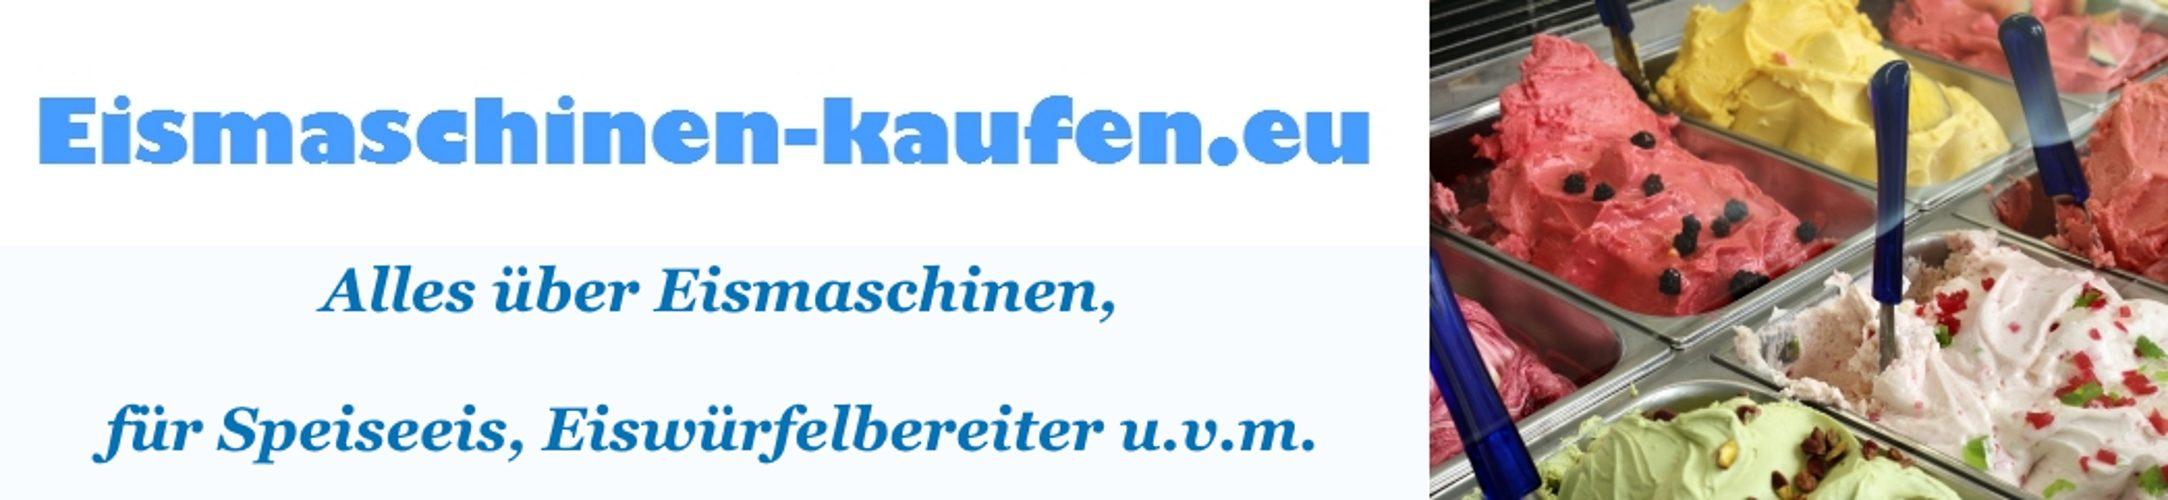 Eismaschinen-Kaufen.eu